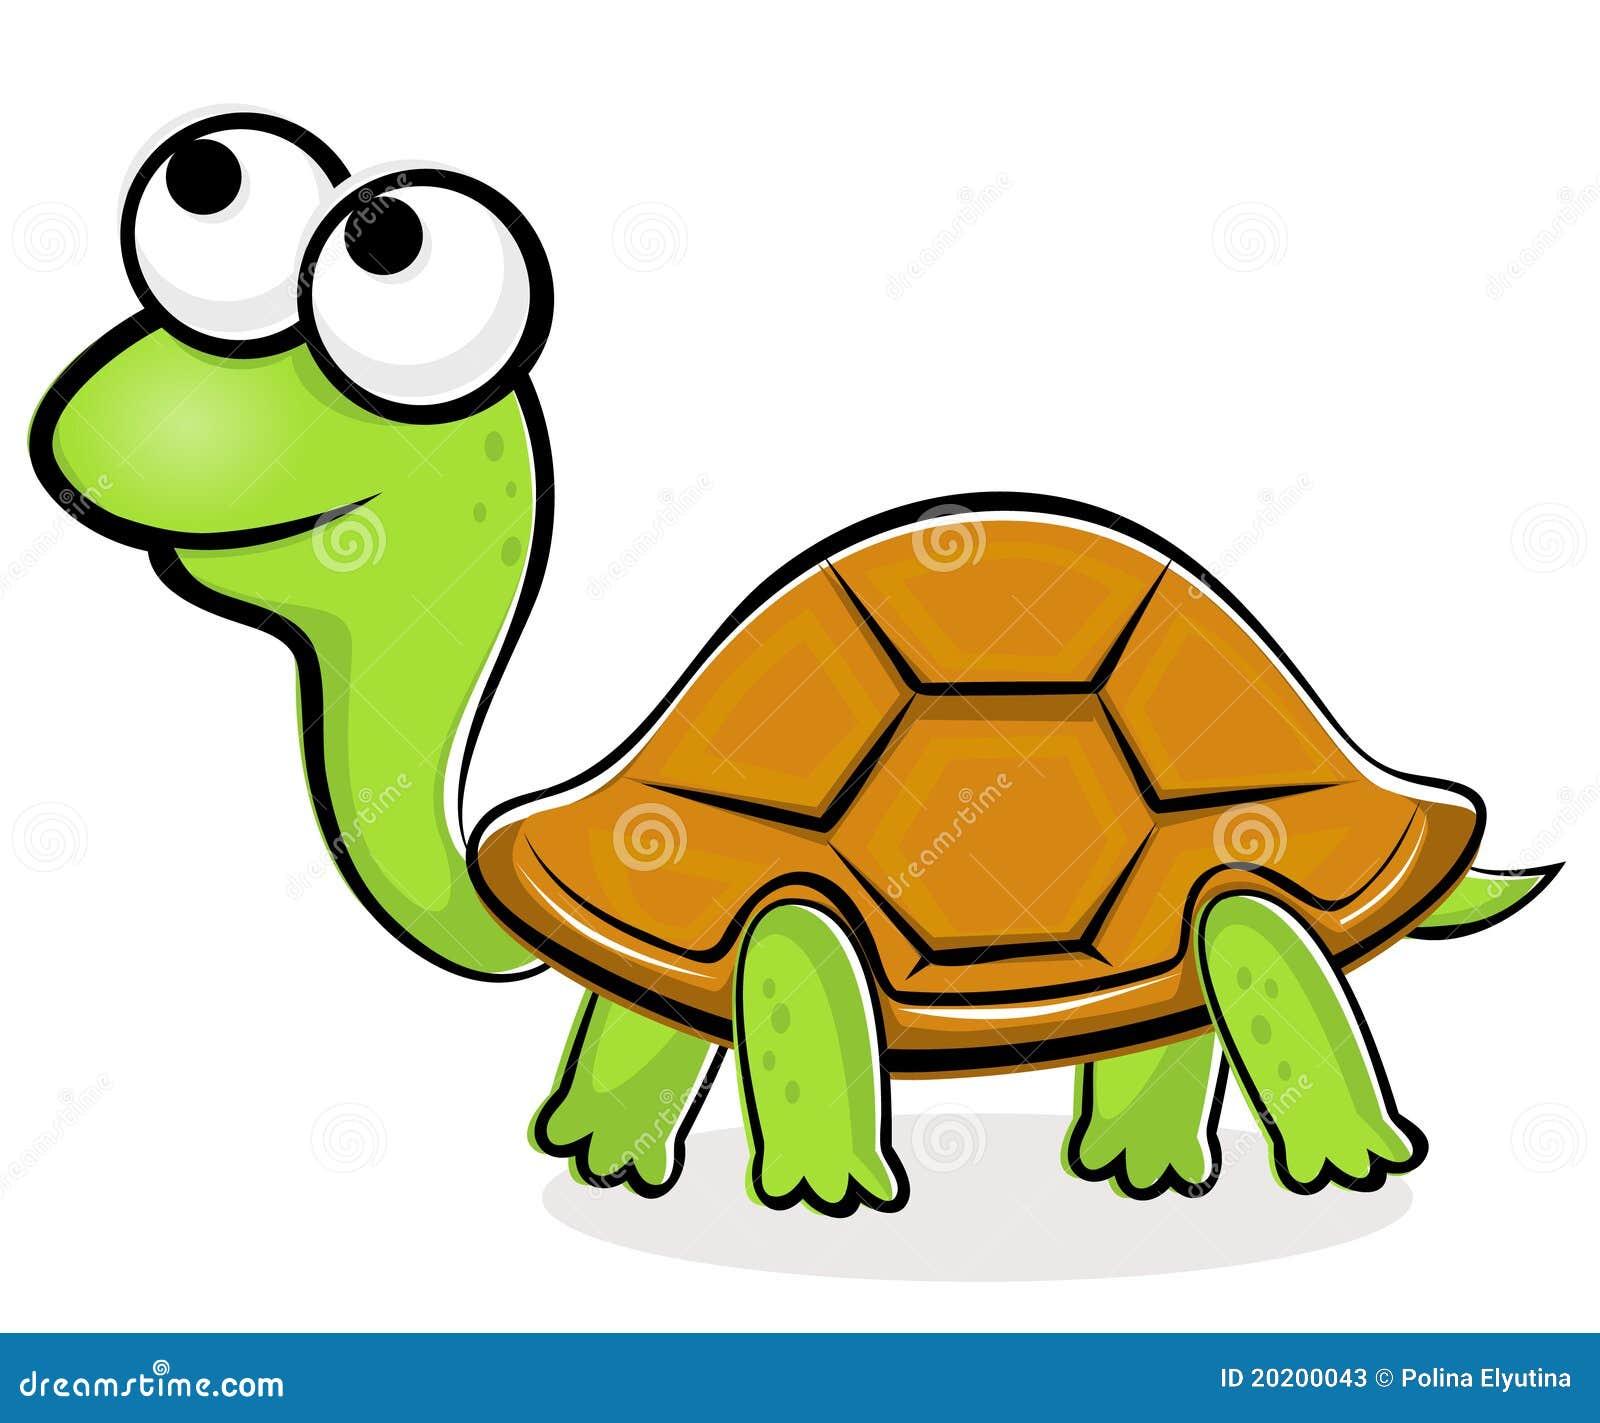 Turtle Cartoon Stock Photos - Image: 20200043